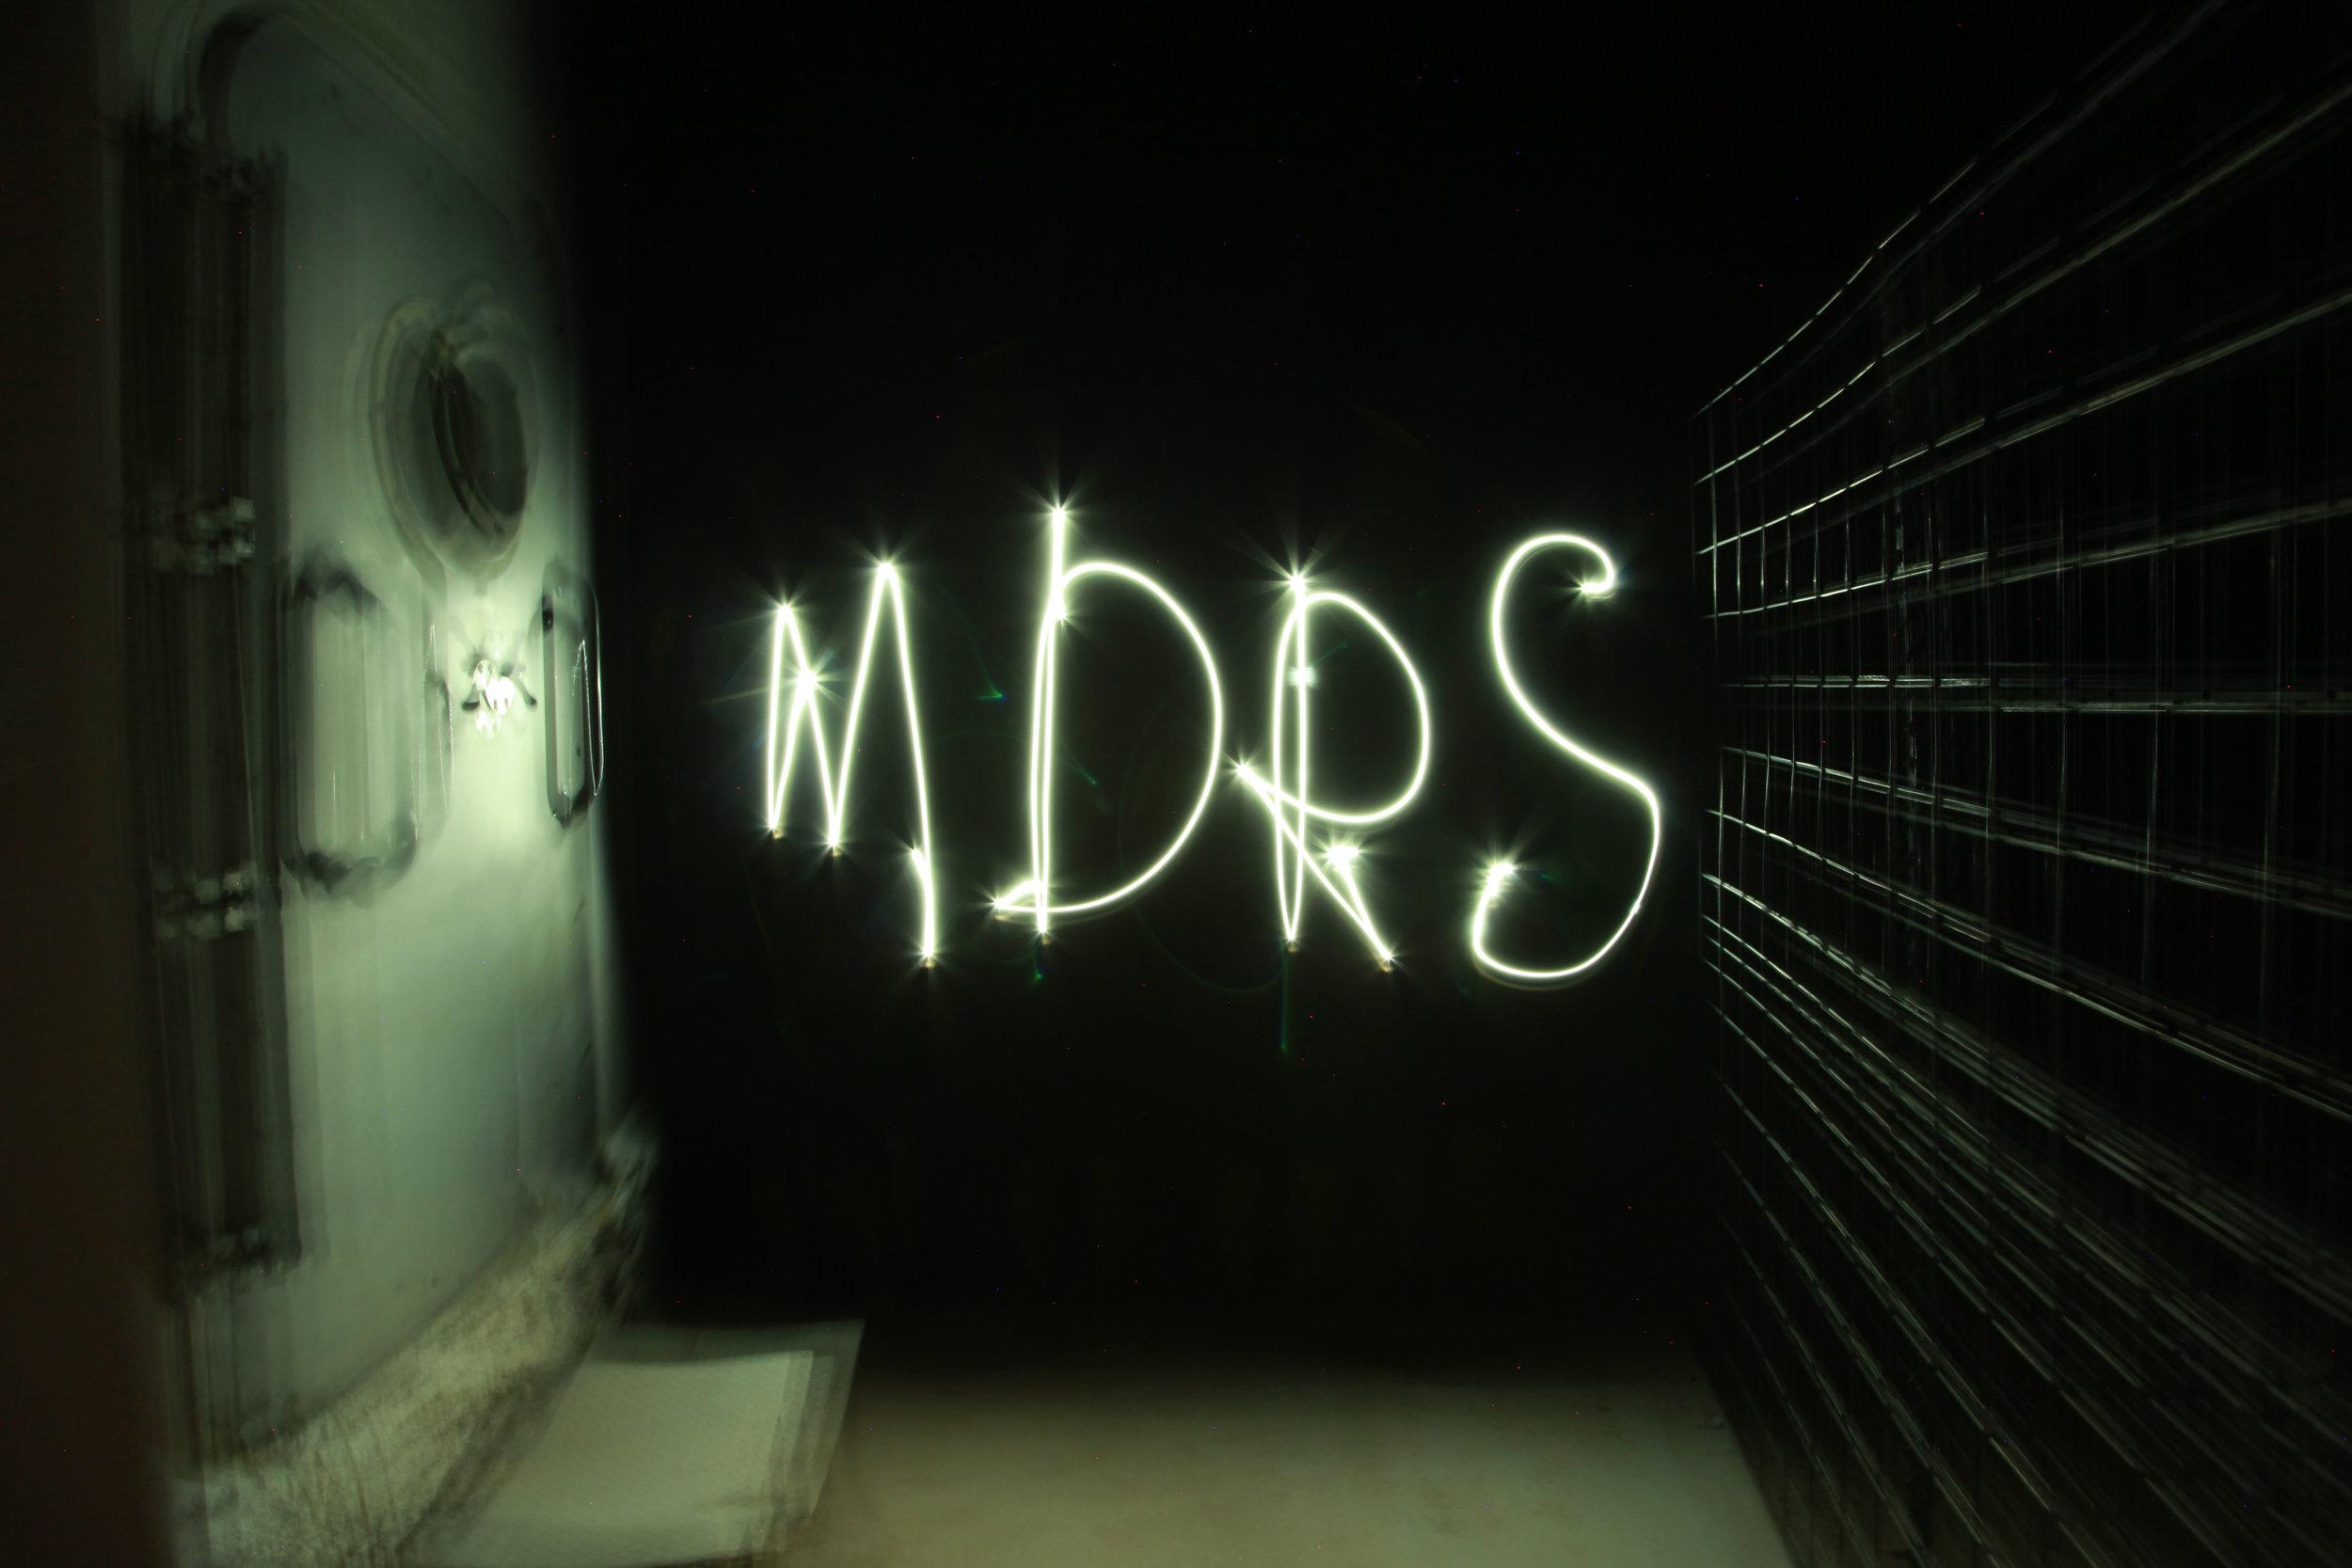 MDRSinLights.jpg